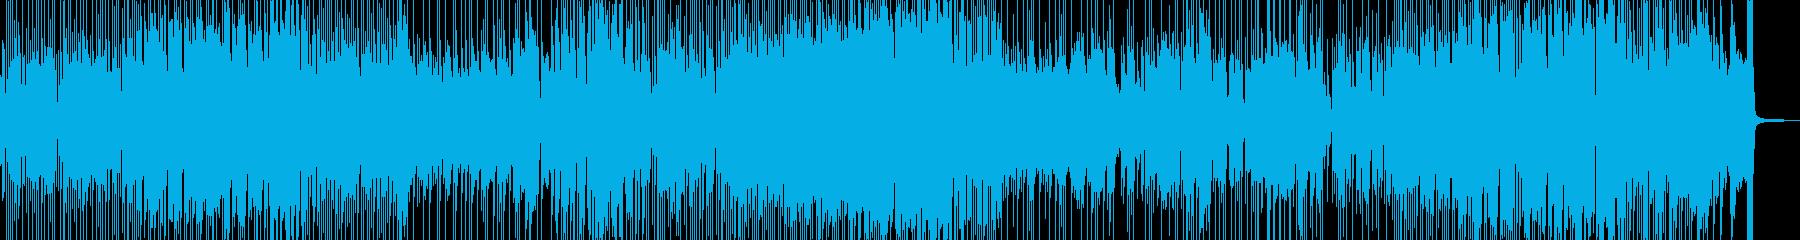 ピクニック気分・ブラスジャズポップ +の再生済みの波形